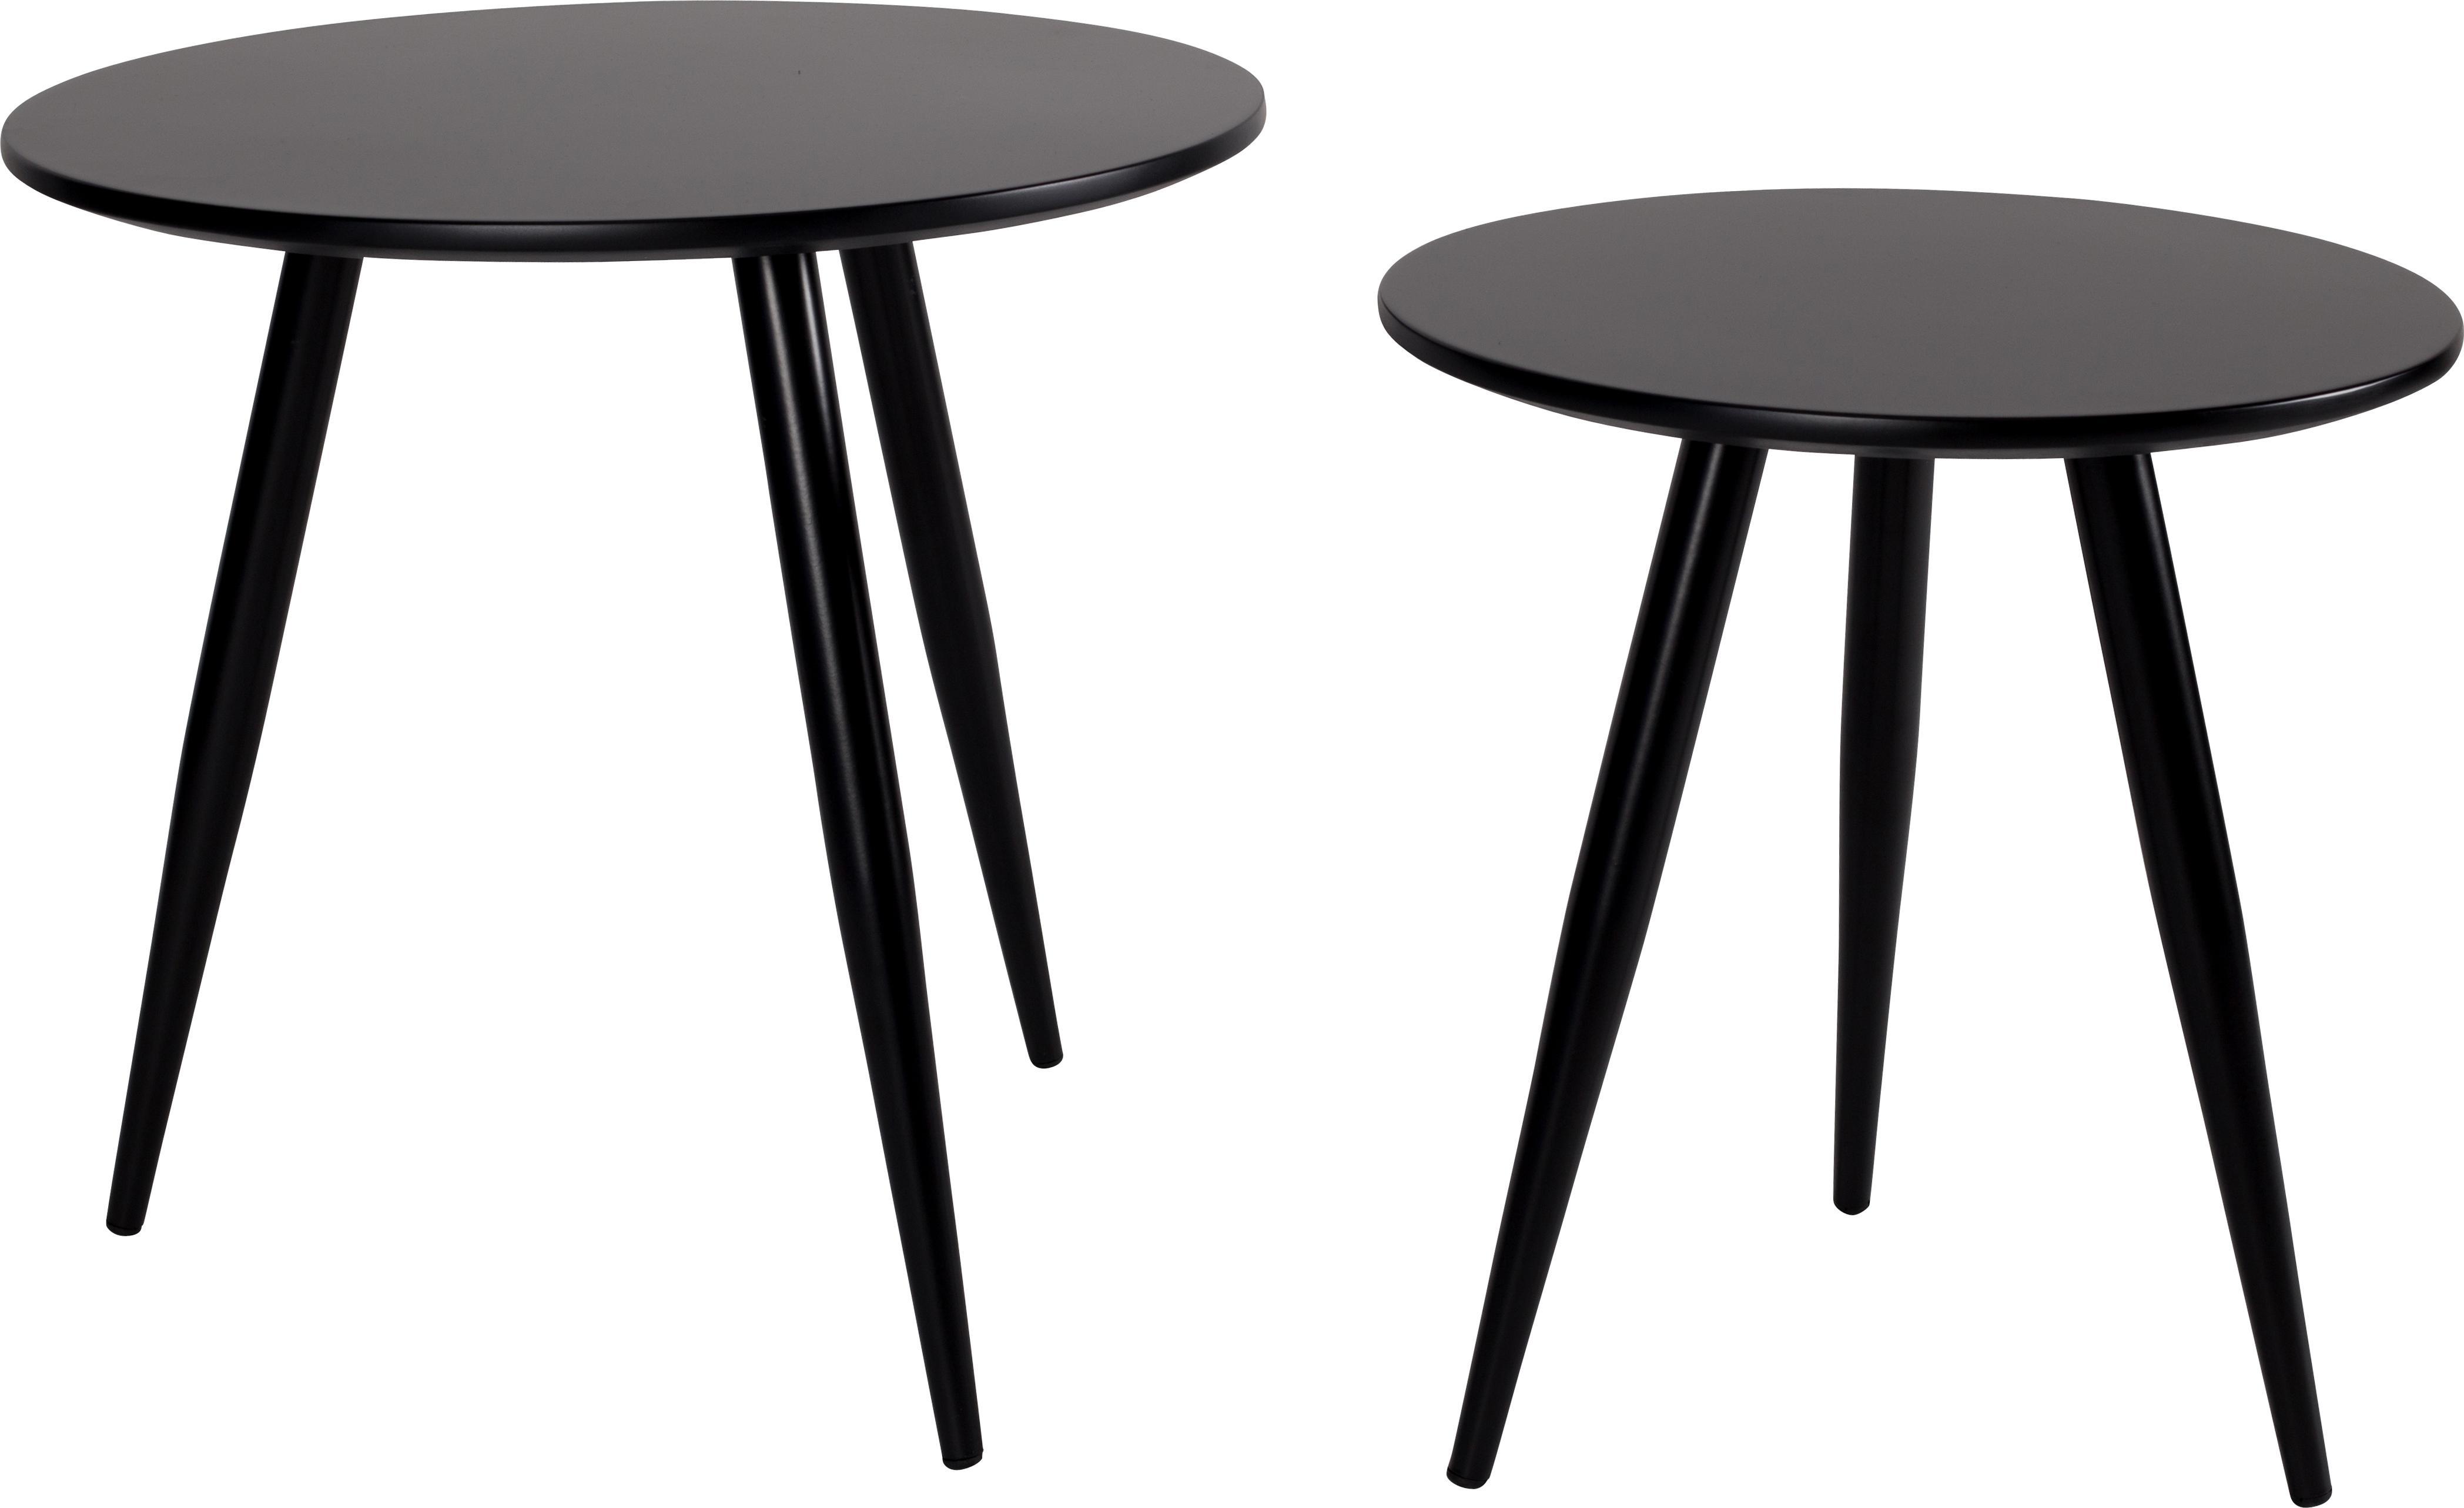 Bijzettafelset Colette, in zwart, 2-delig, Poten: gepoedercoat metaal, Tafelblad: gelakt MDF, Zwart, Set met verschillende formaten